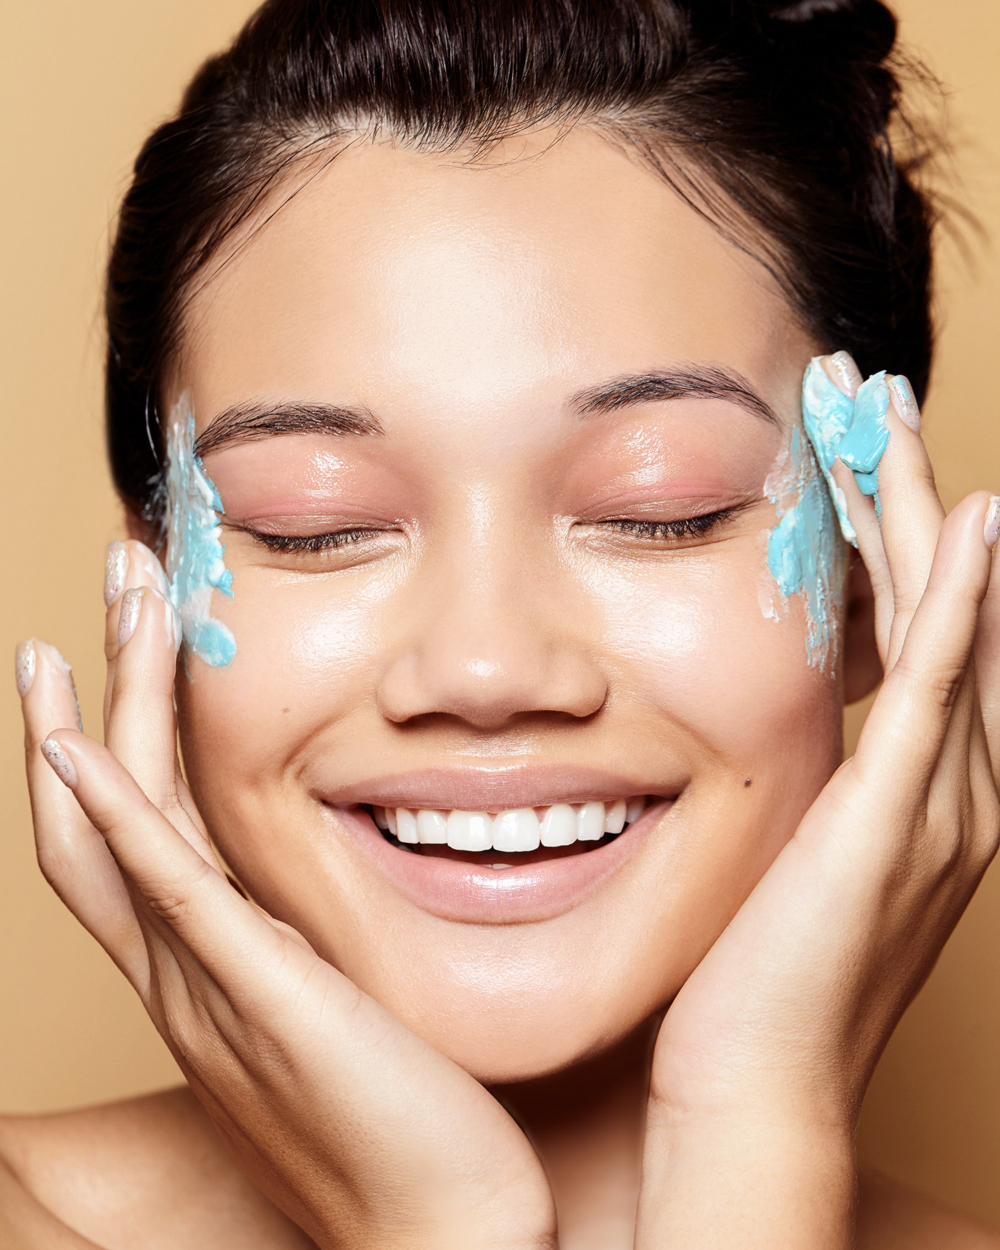 woman face mask beauty